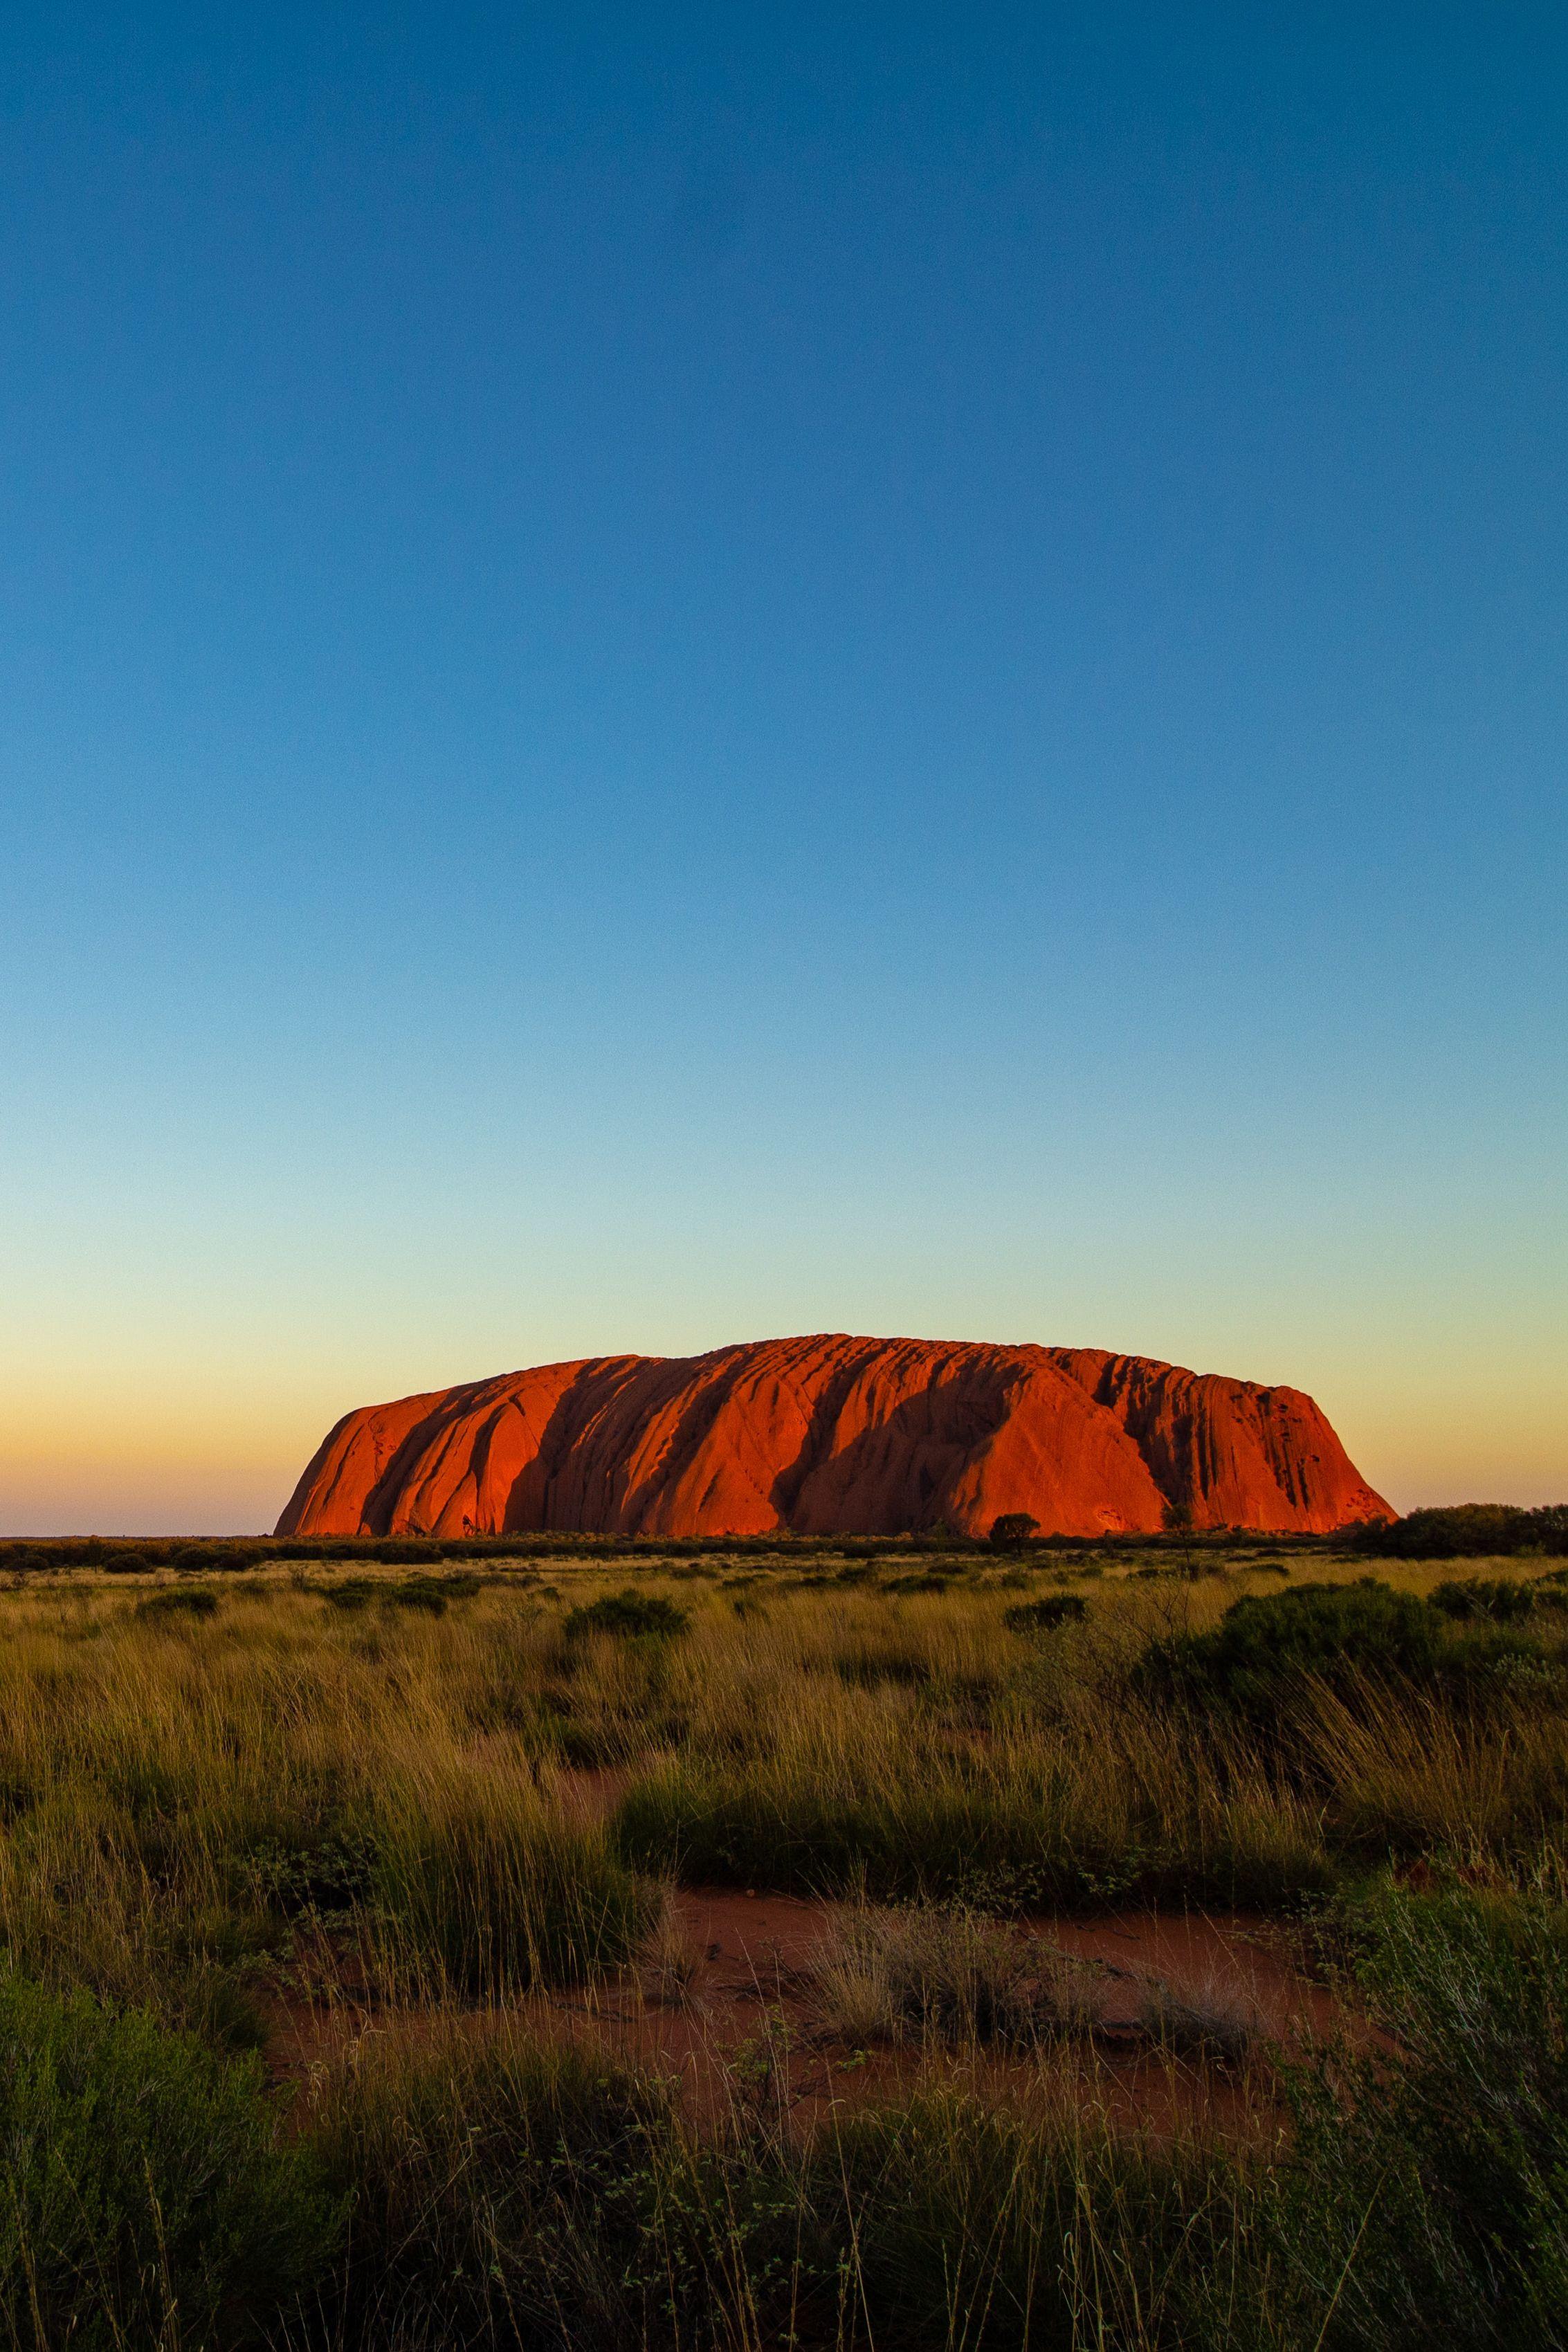 Australien Die 10 Schonsten Reiseziele Und Orte Skyscanner Deutschland Amerika Reisen Australien Reiseziele